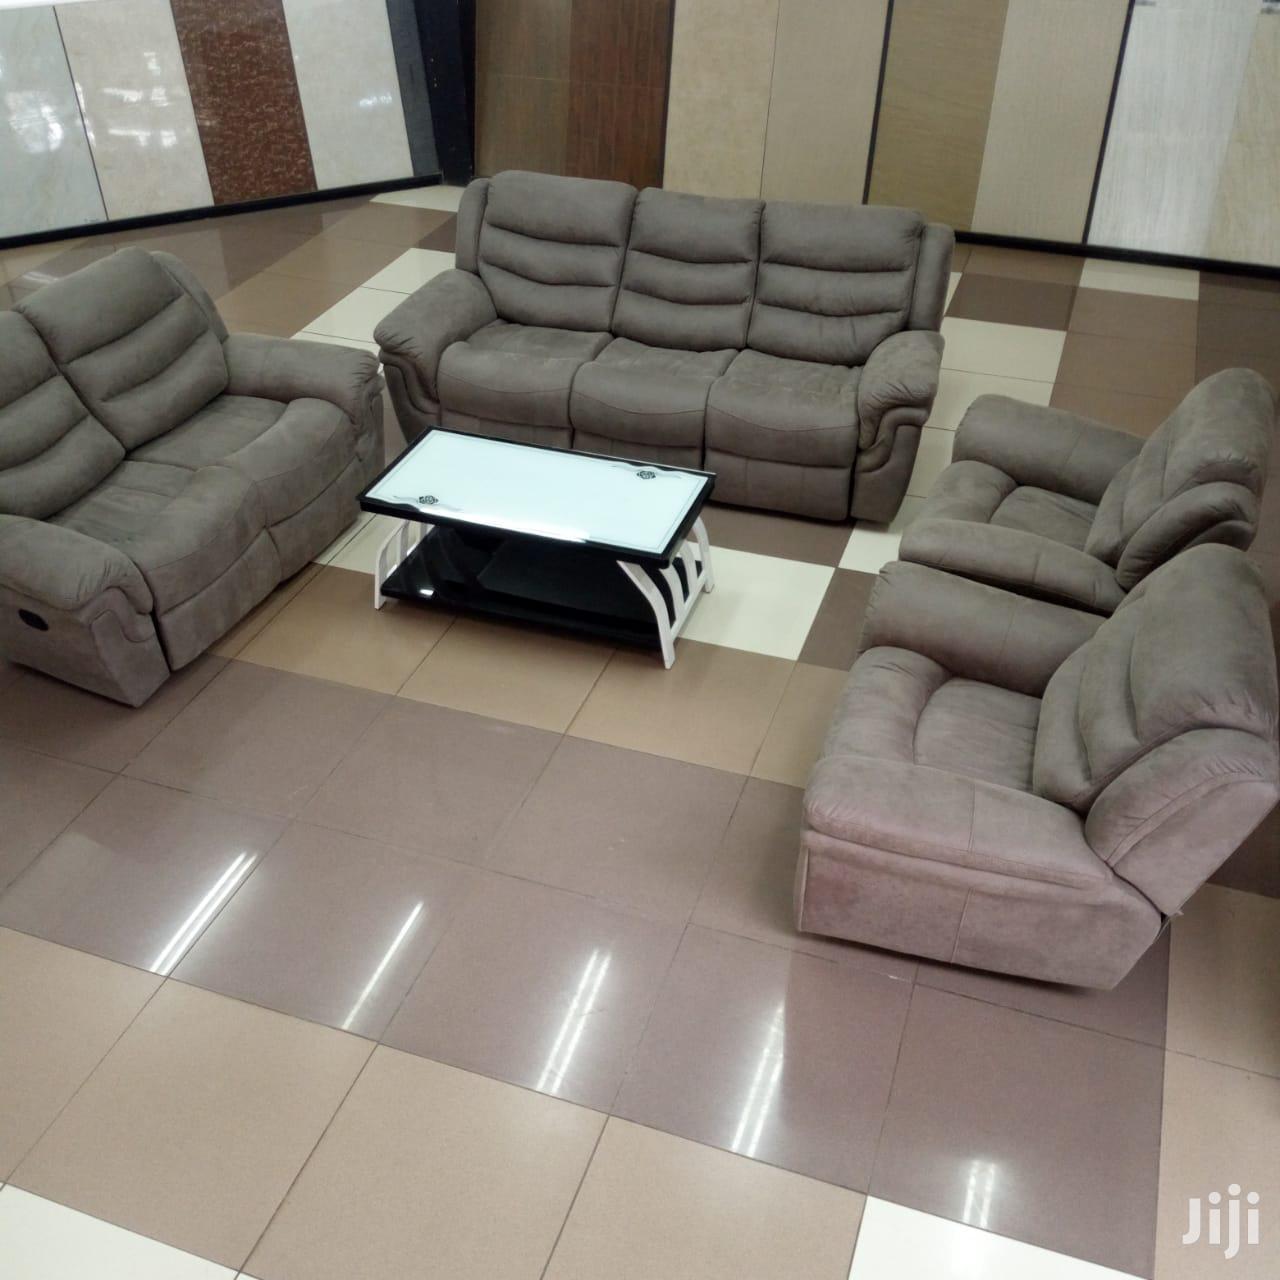 6 Seater Recliner Sofa | Furniture for sale in Embakasi, Nairobi, Kenya